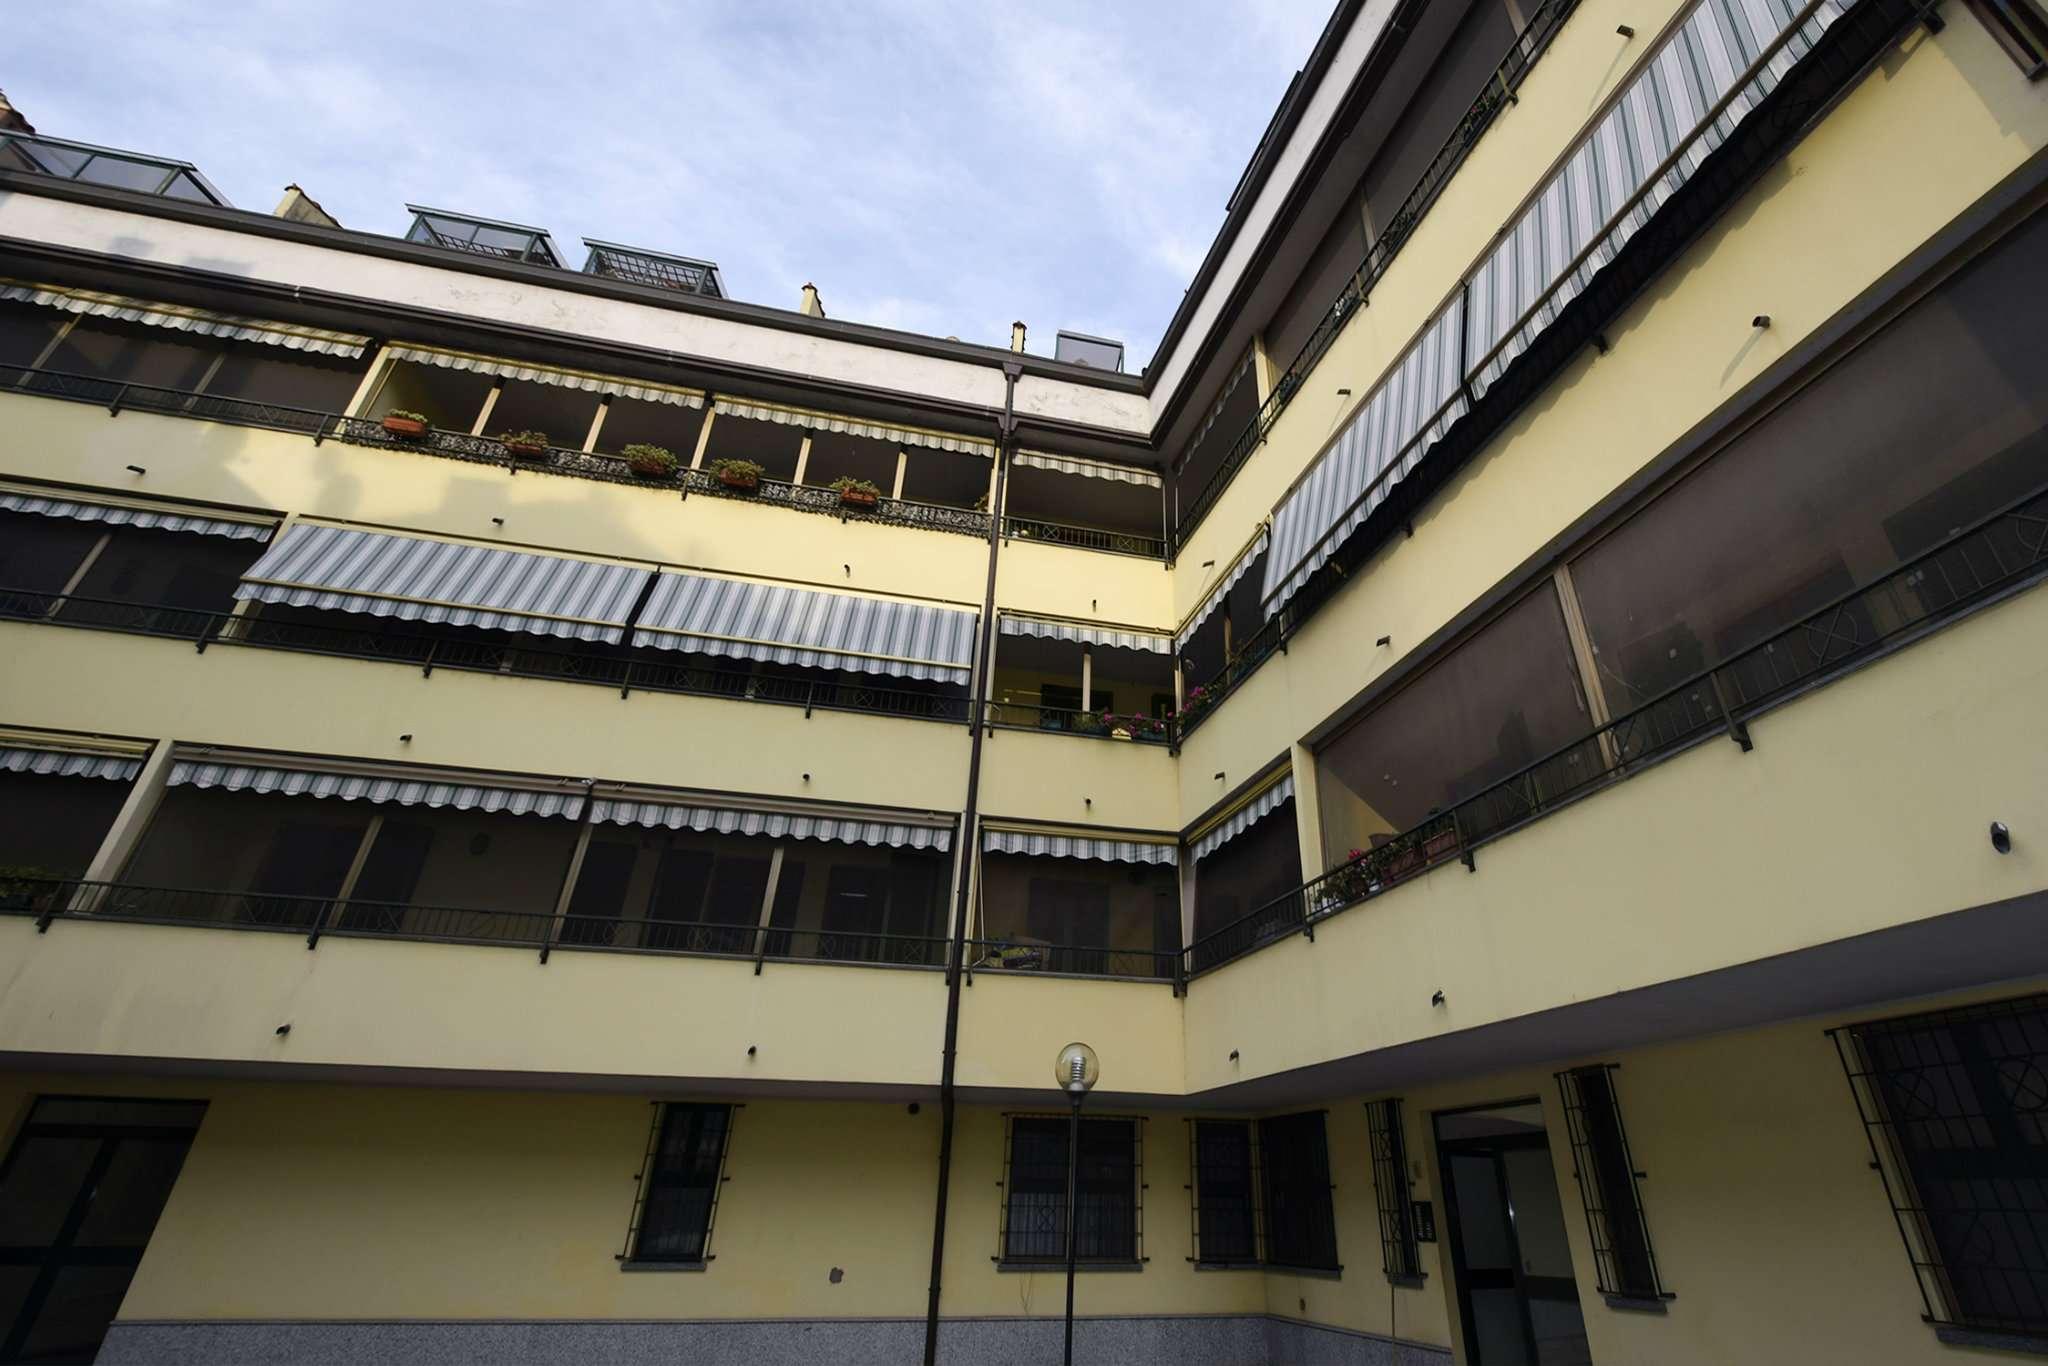 Appartamento in vendita a Rozzano, 2 locali, prezzo € 99.000 | CambioCasa.it